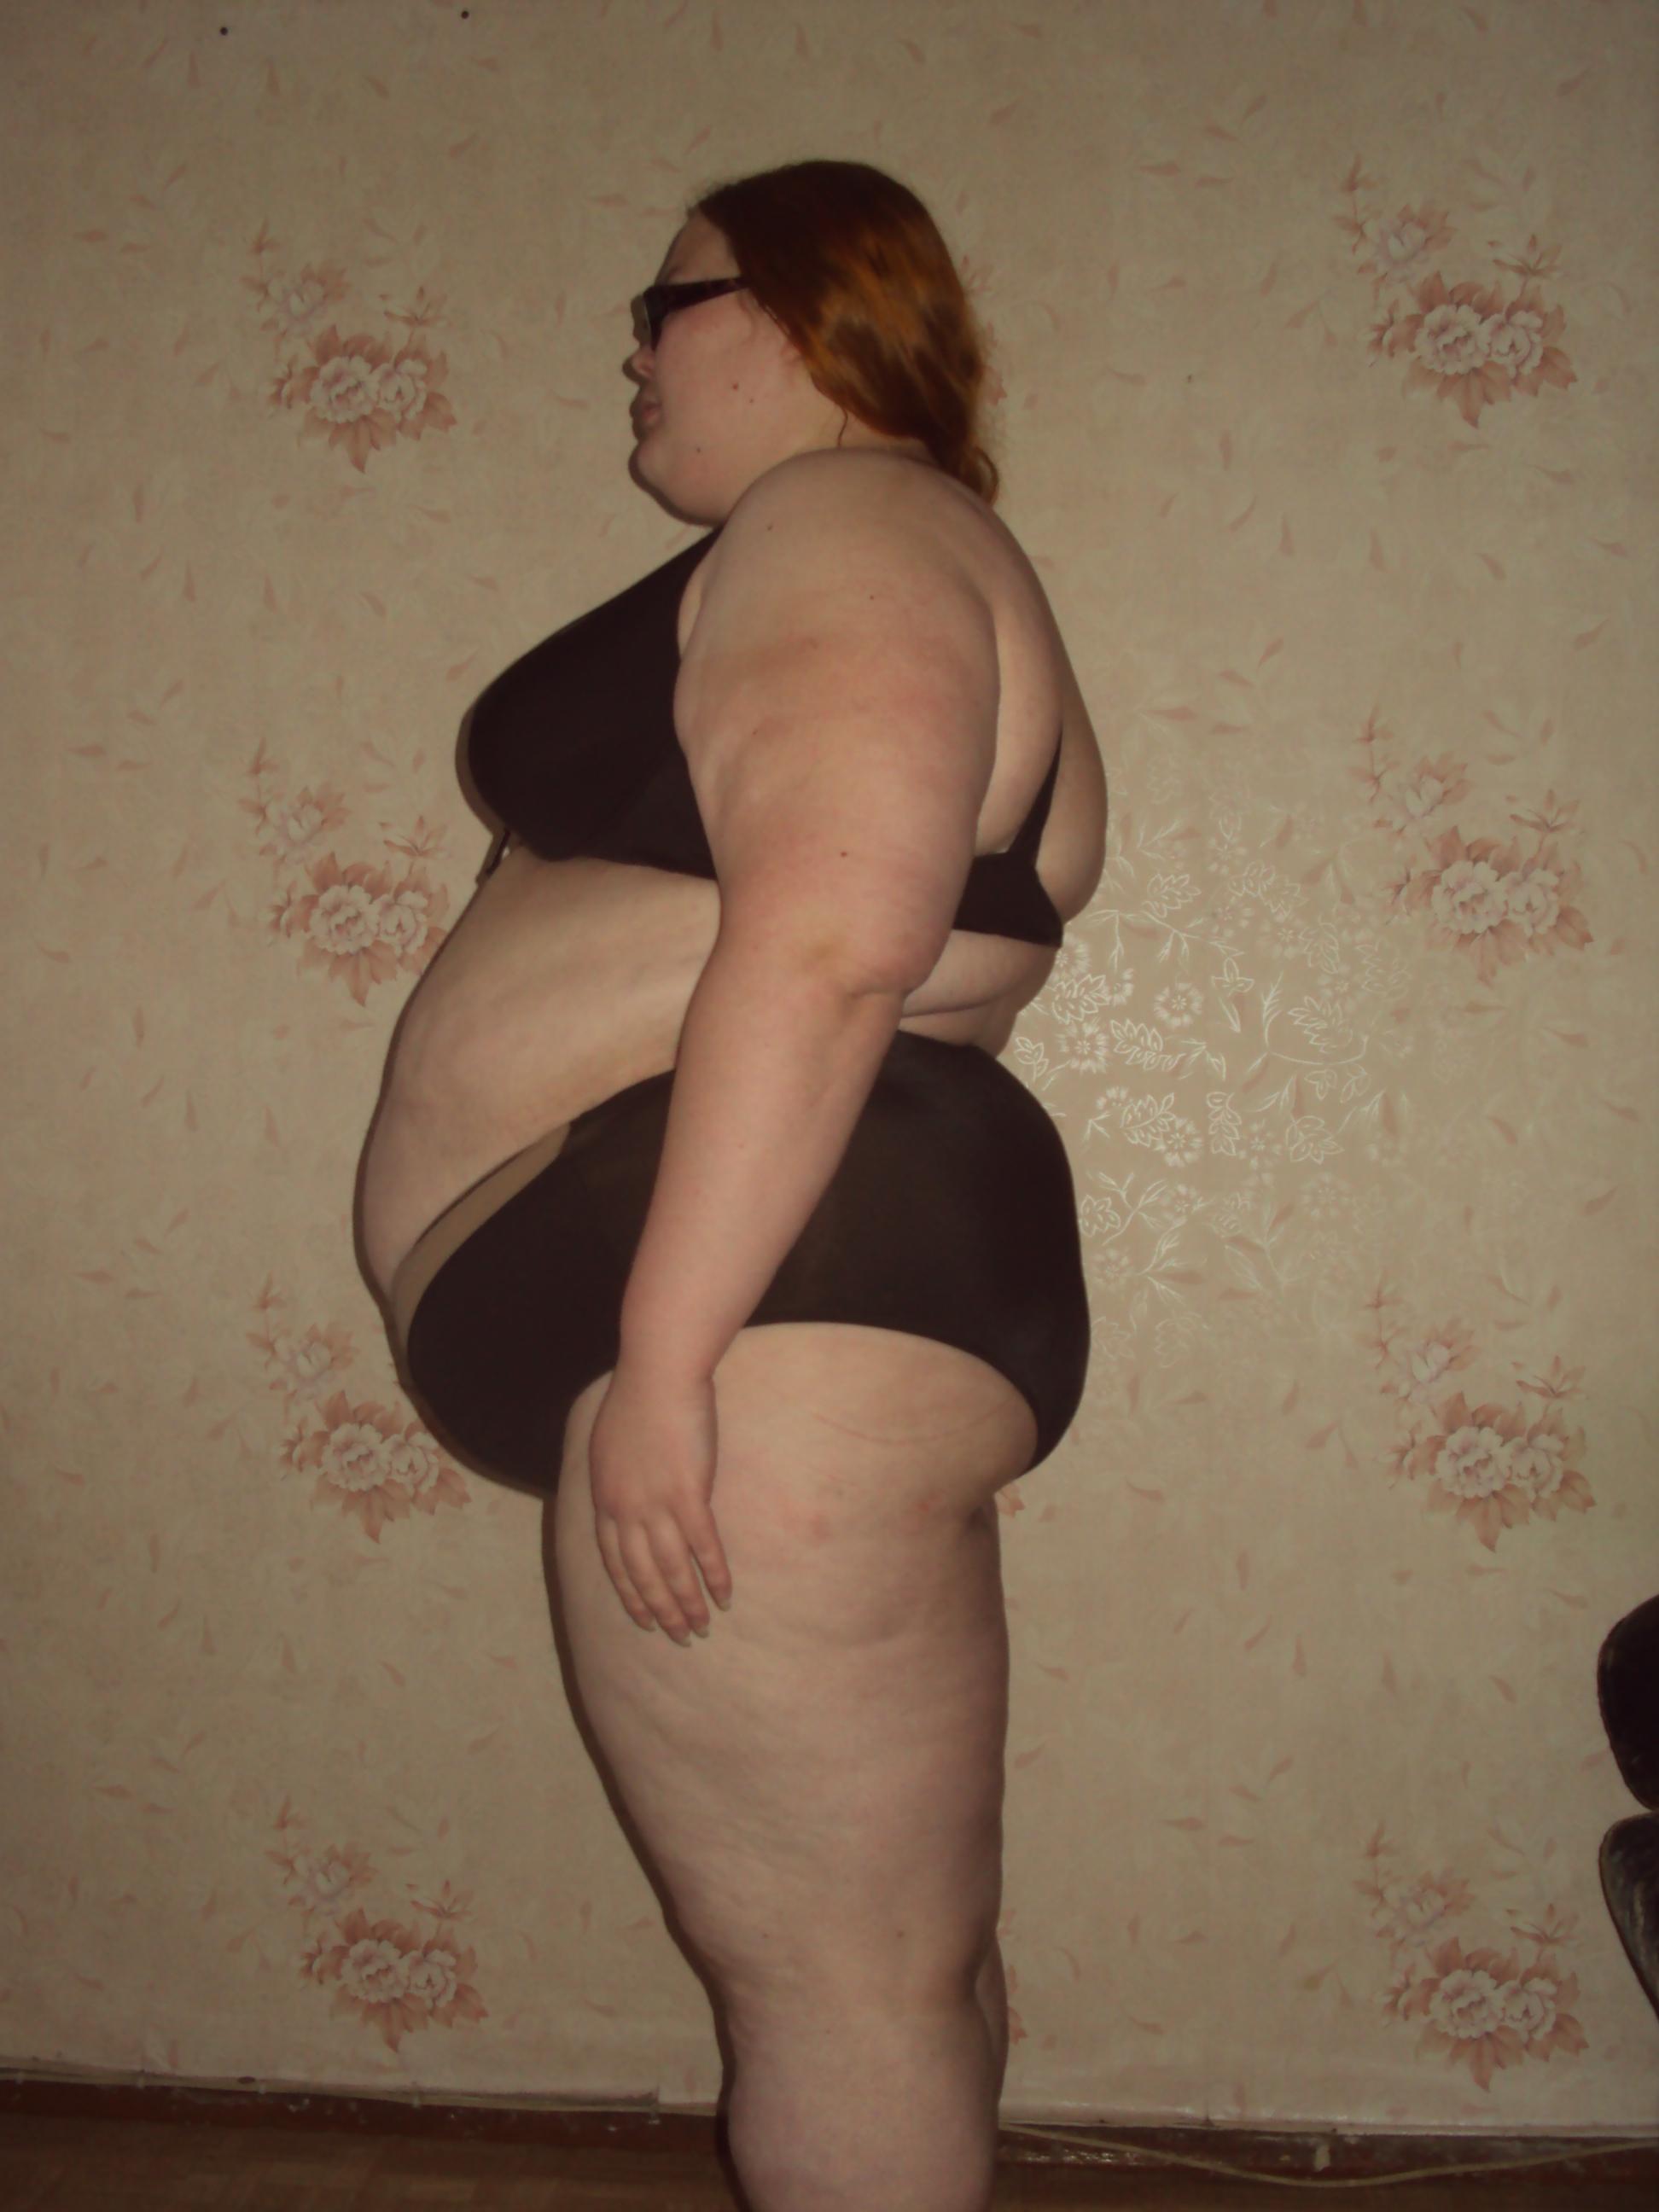 У жены обвисла грудь 26 фотография